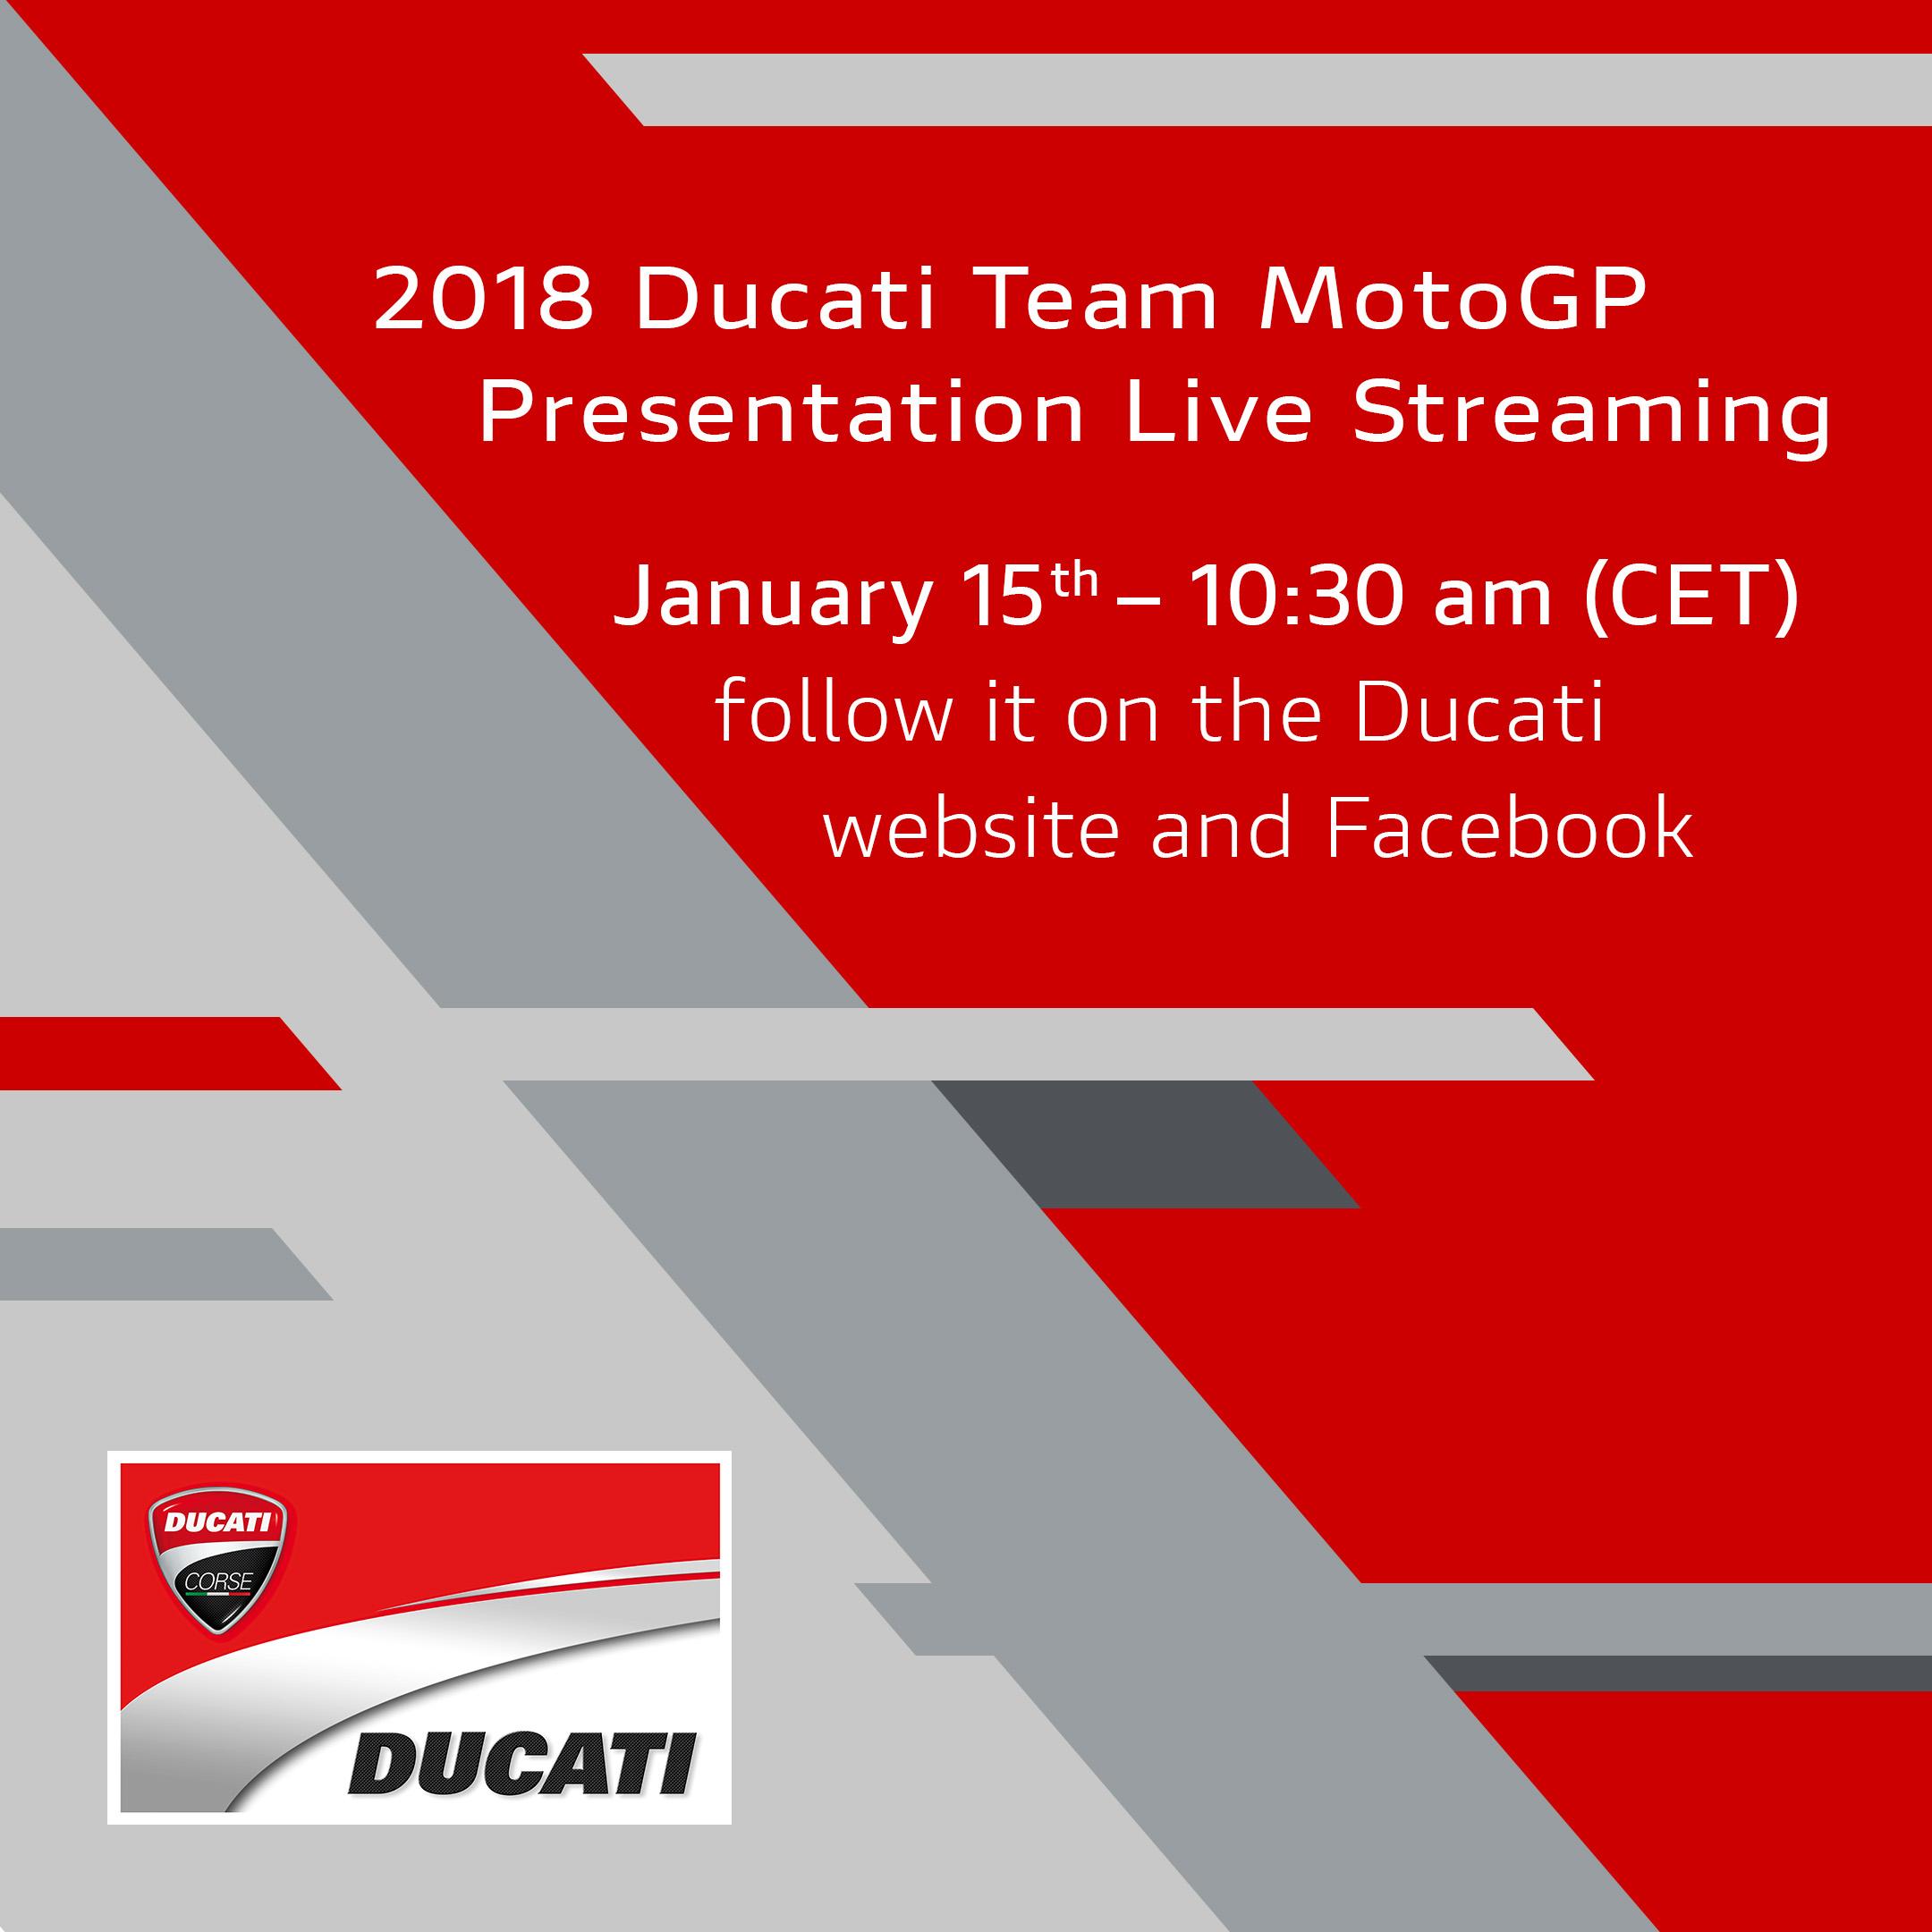 Presentazione Ducati 2018